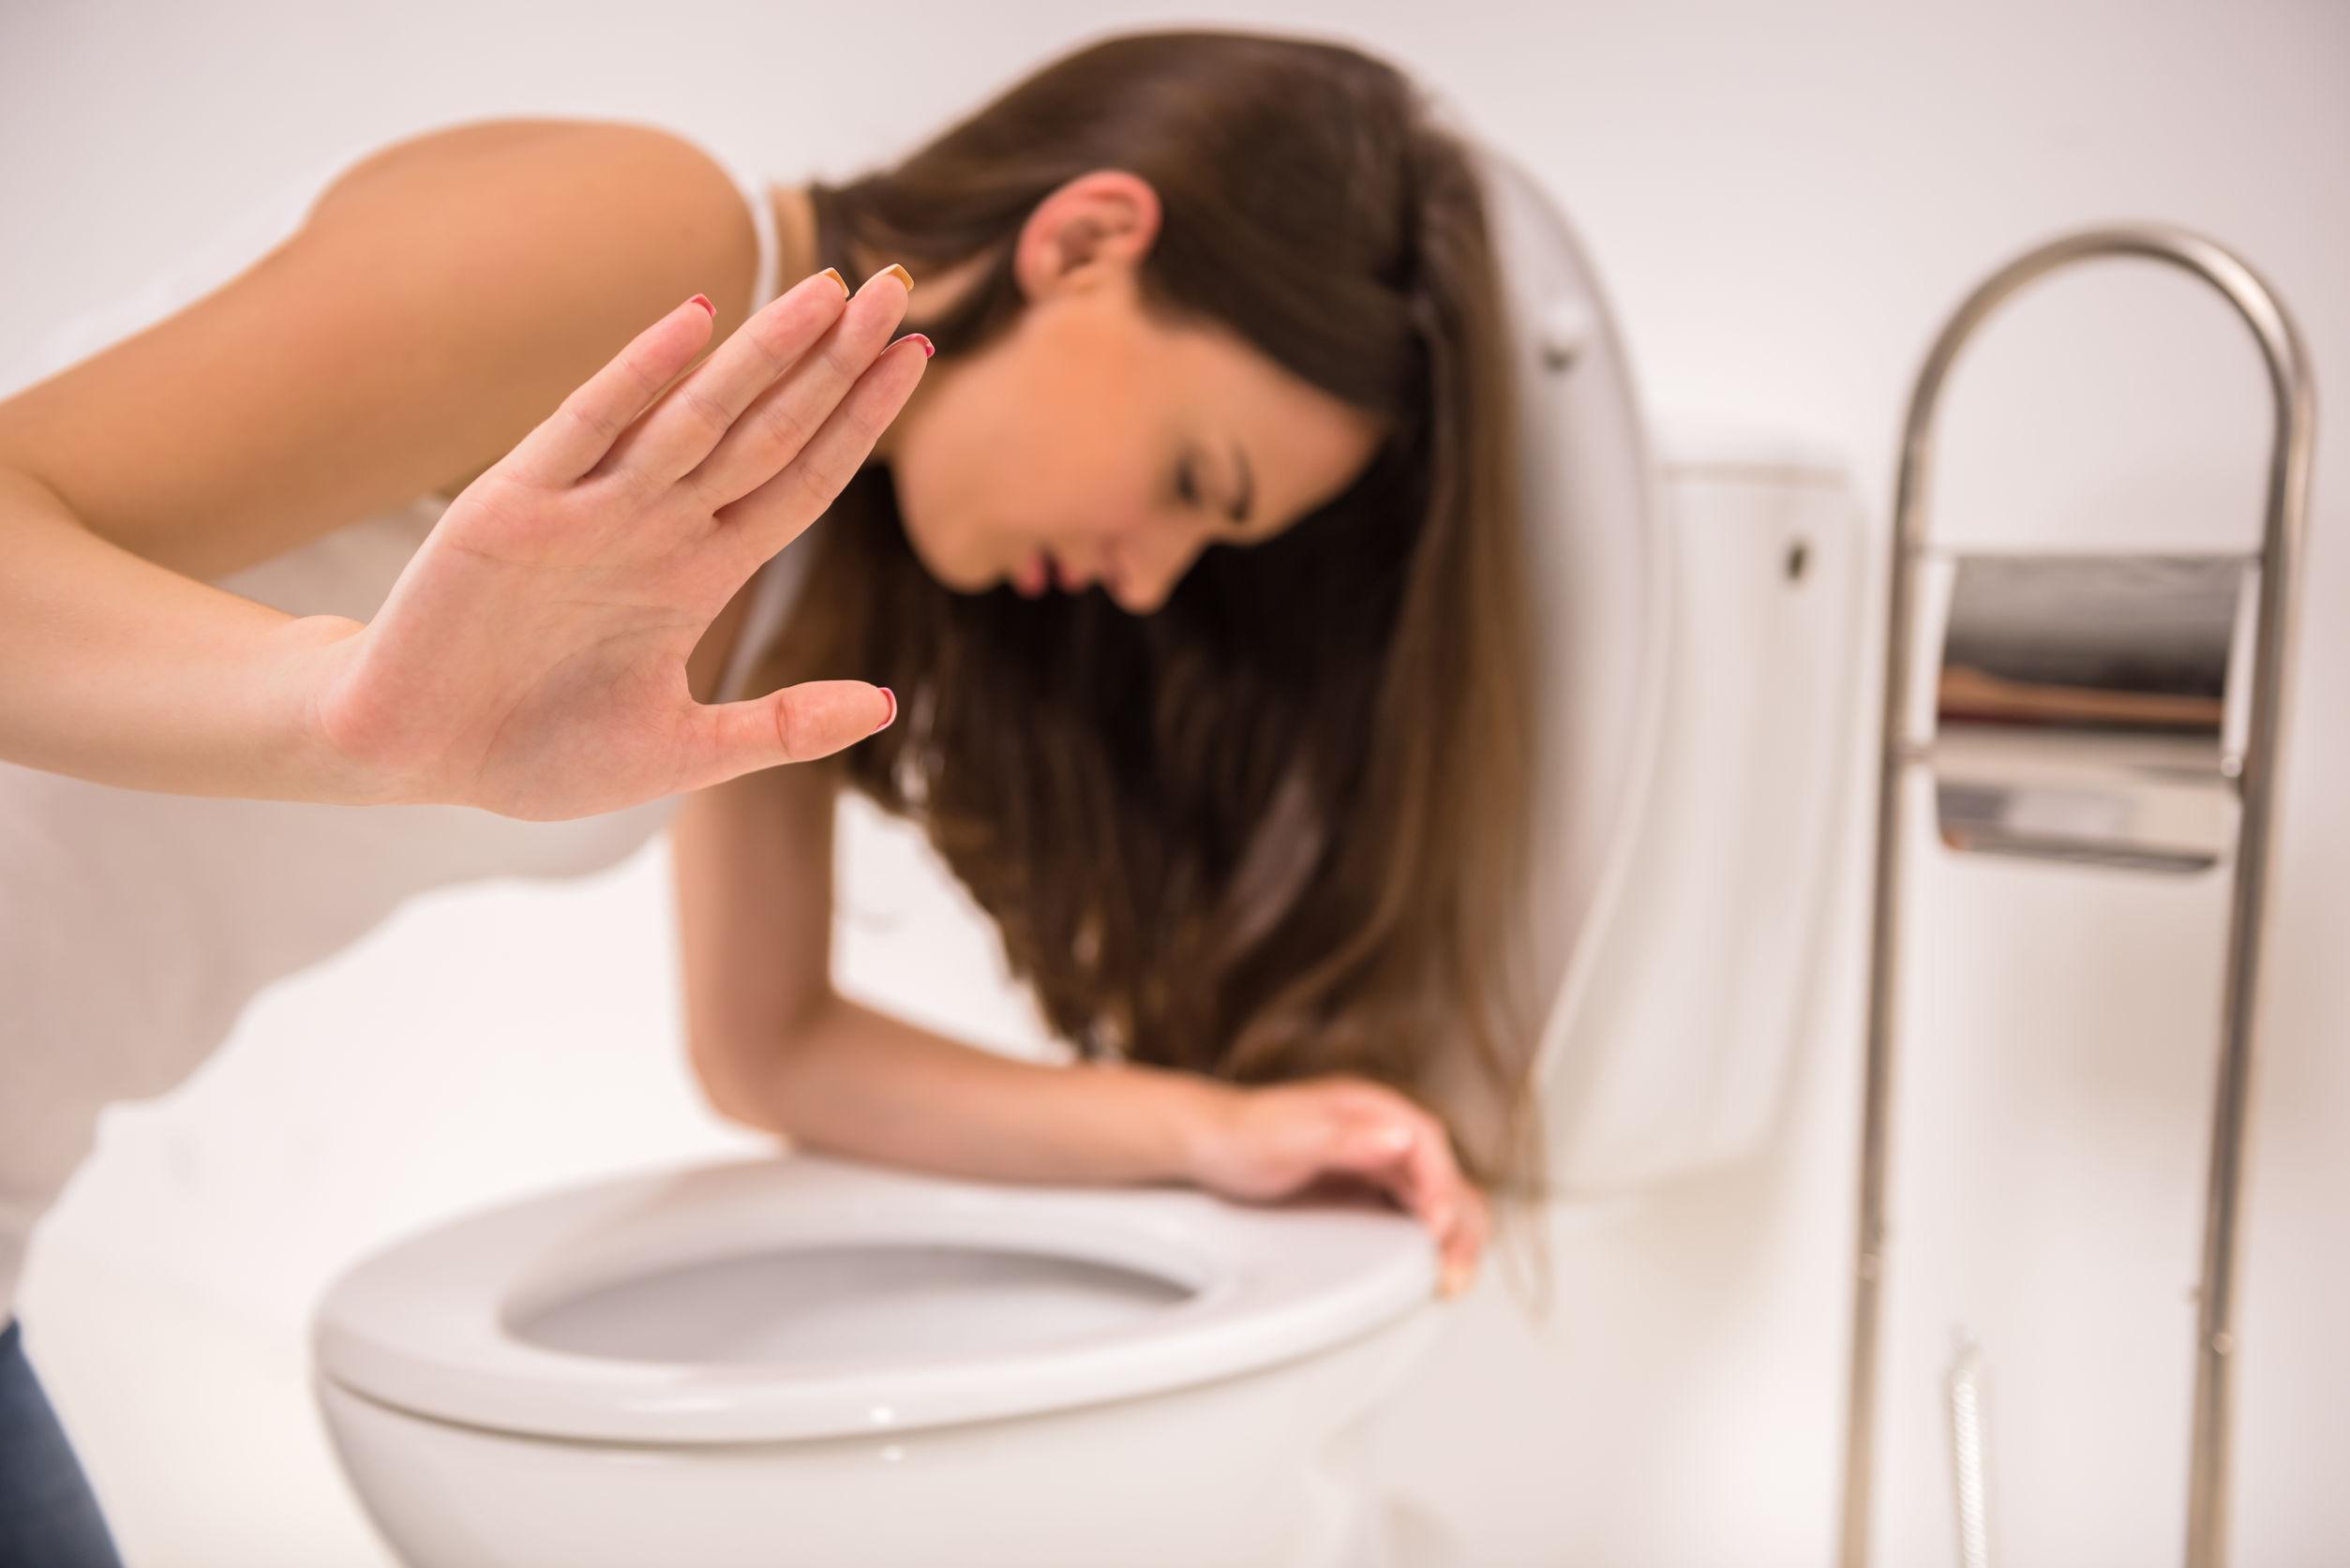 estrategia de enfermería para prevenir la bulimia en menores de 15